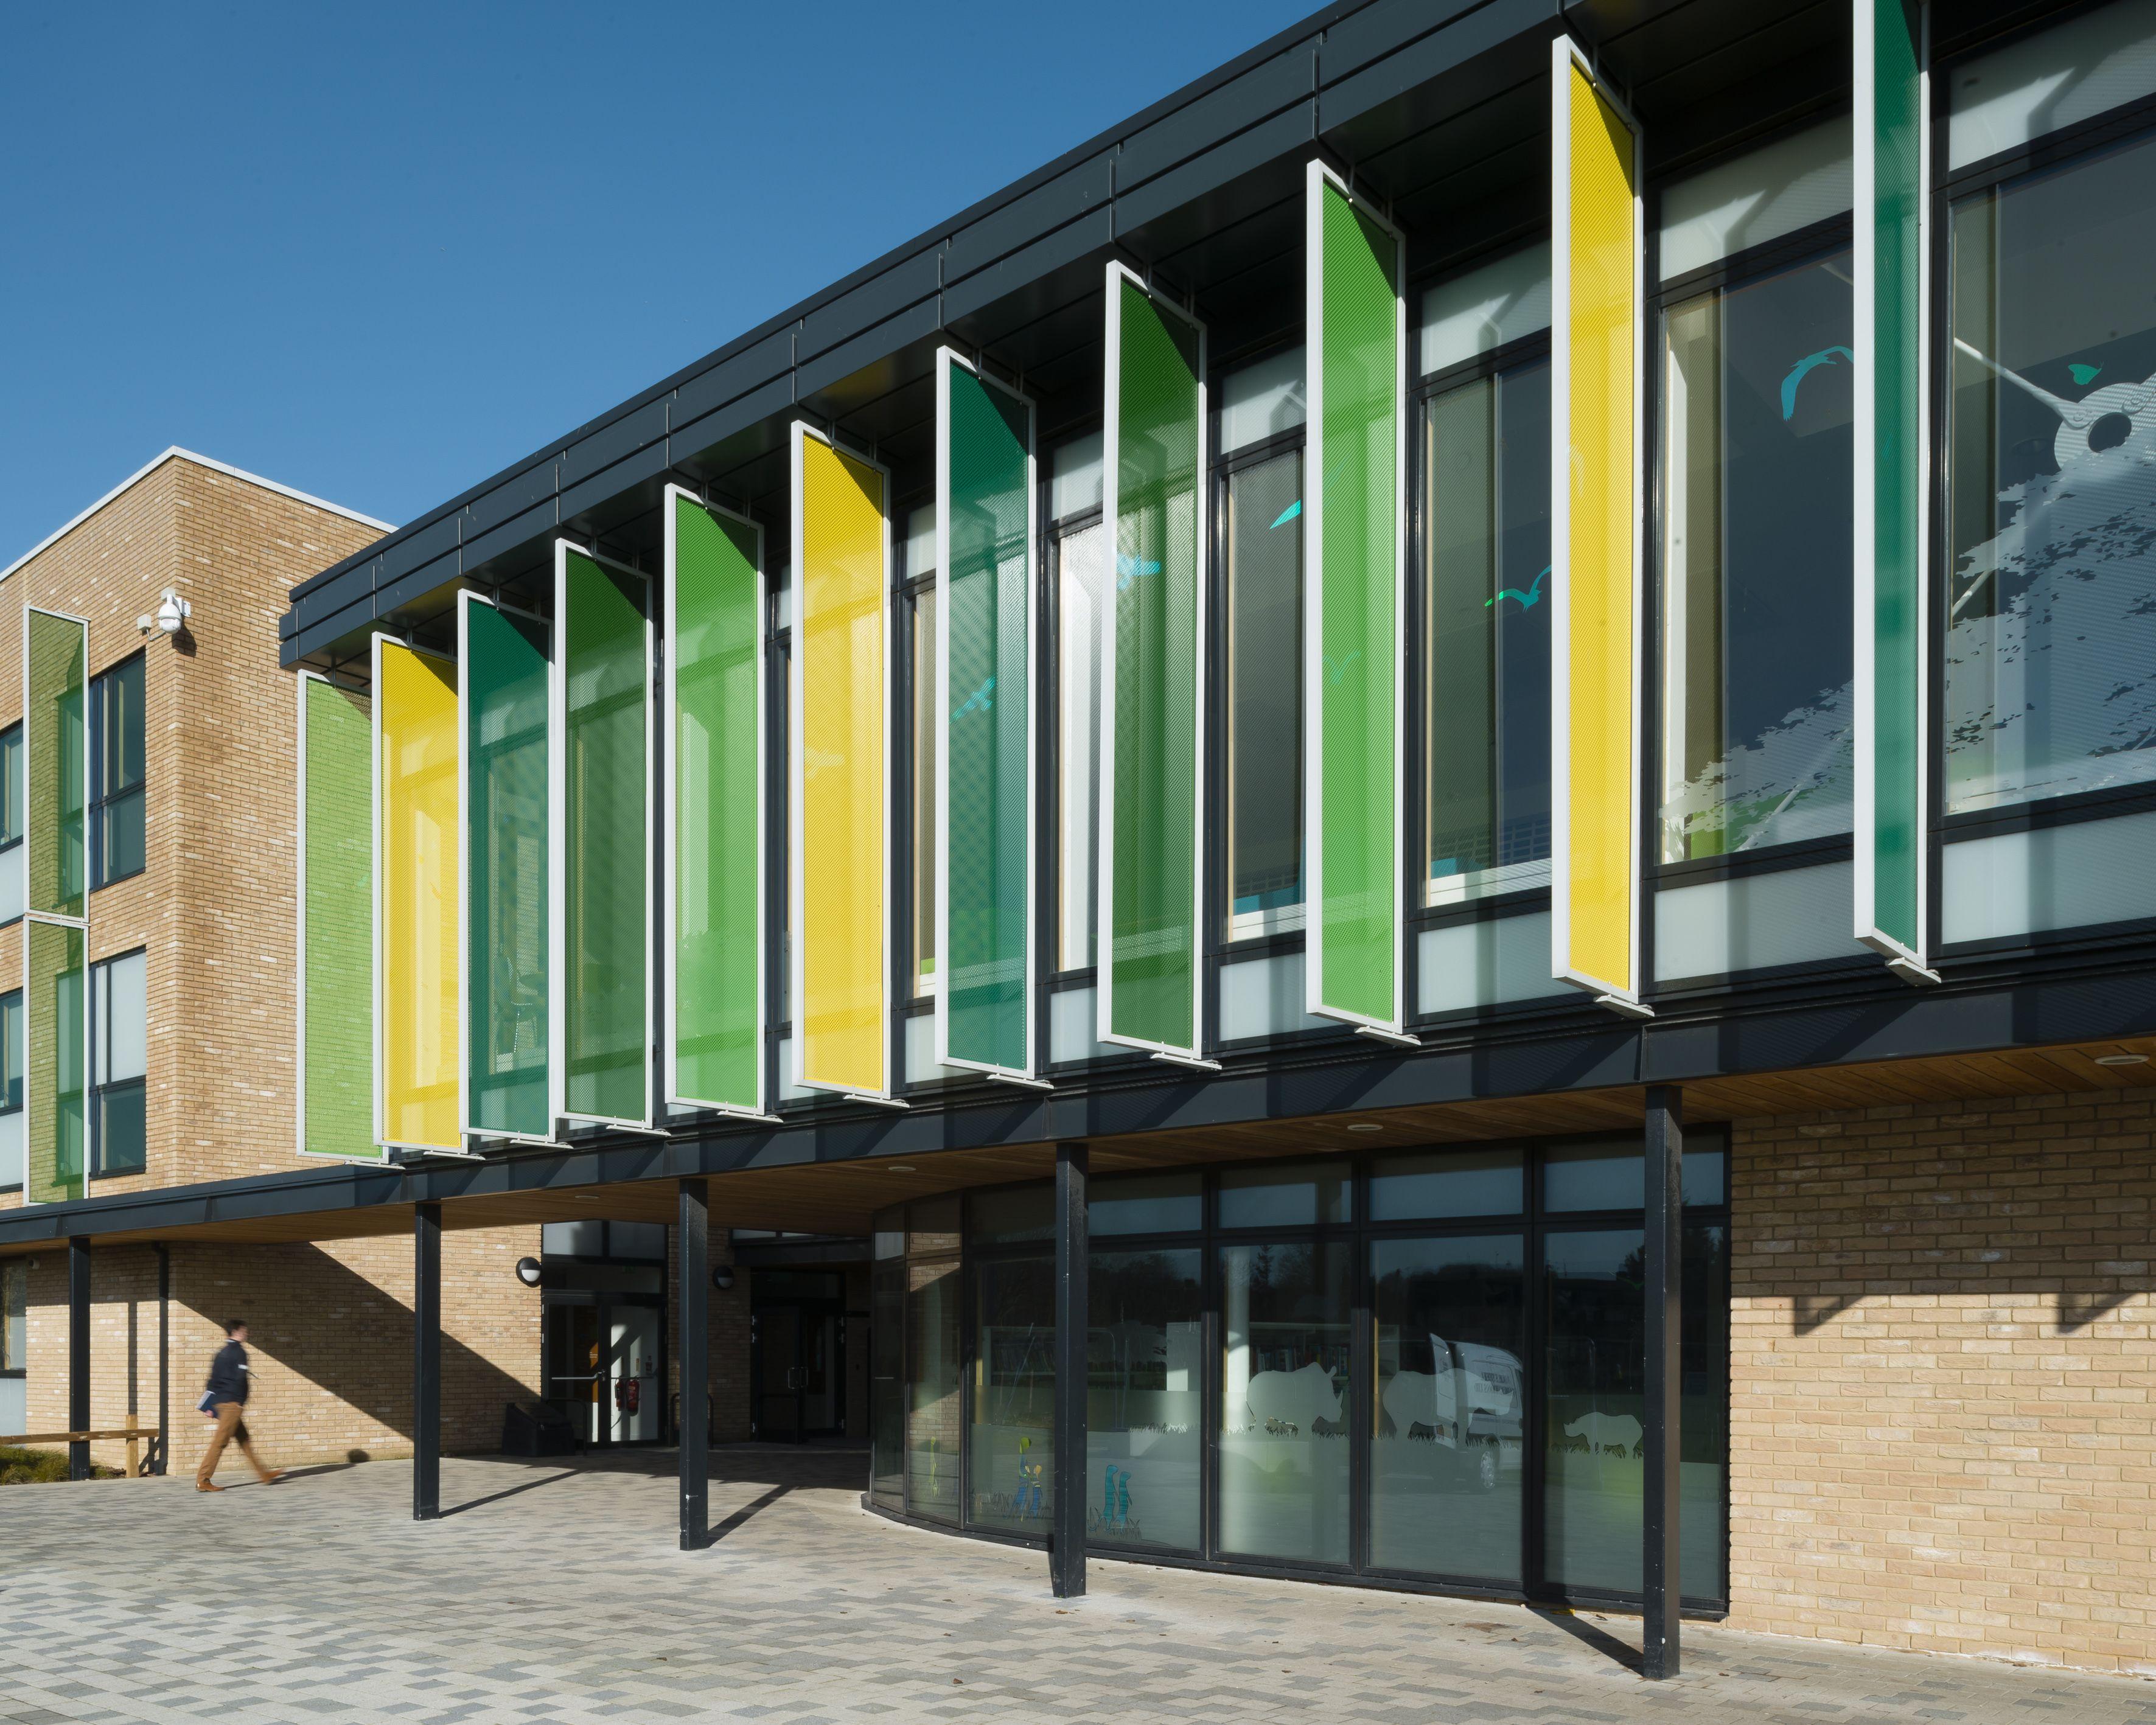 external canopy and brise soleil park community secondary school havant 2015 hampshire - Terra Cotta Tile Canopy 2015